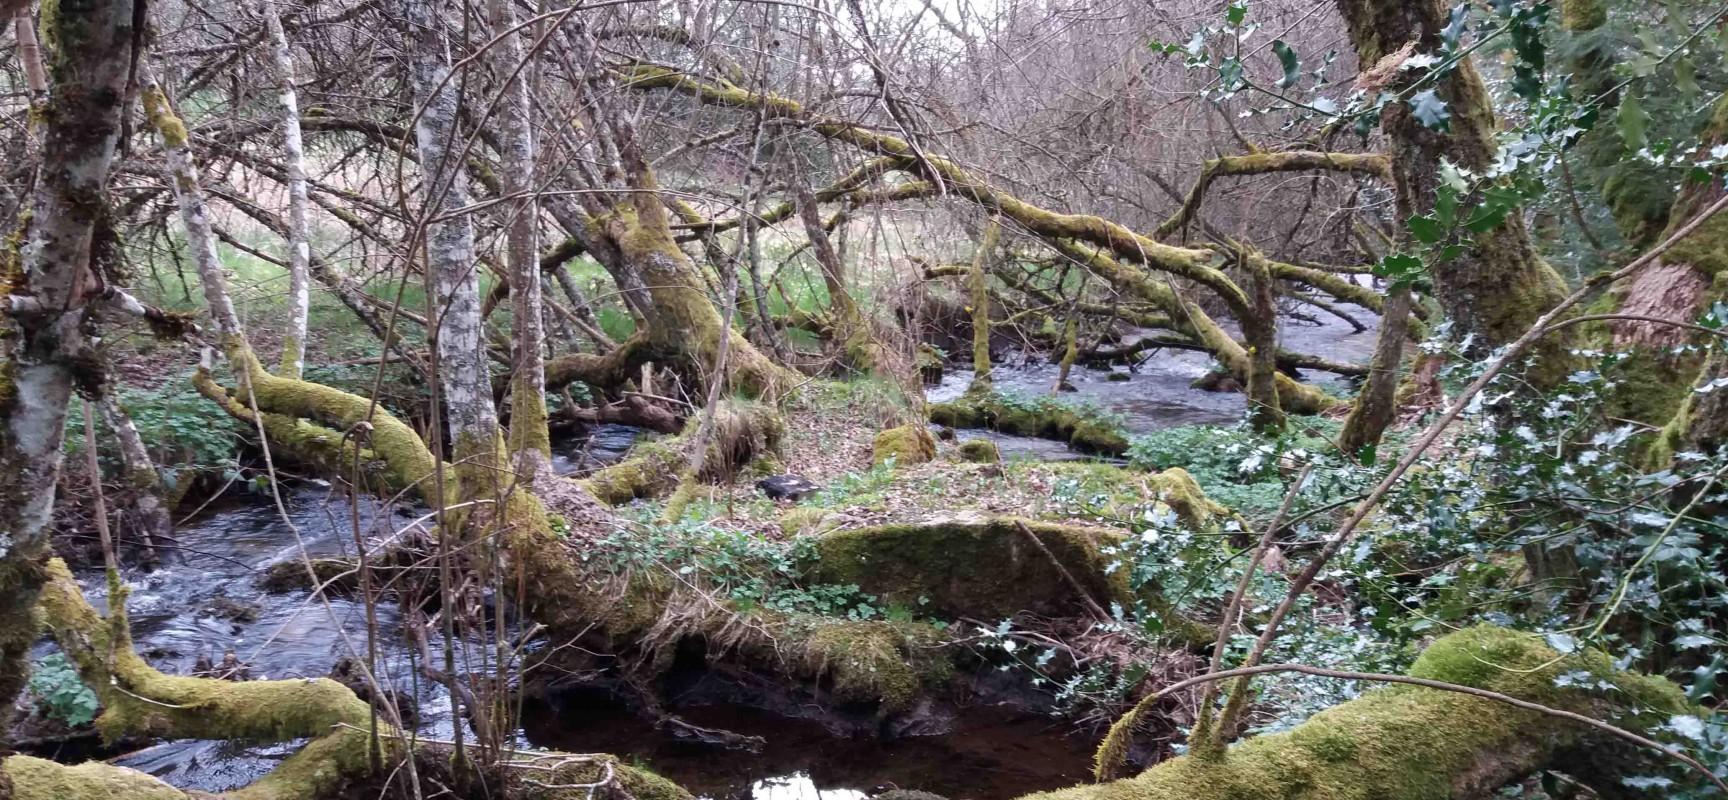 Causerie sur les forêts à la médiathèque de Felletin